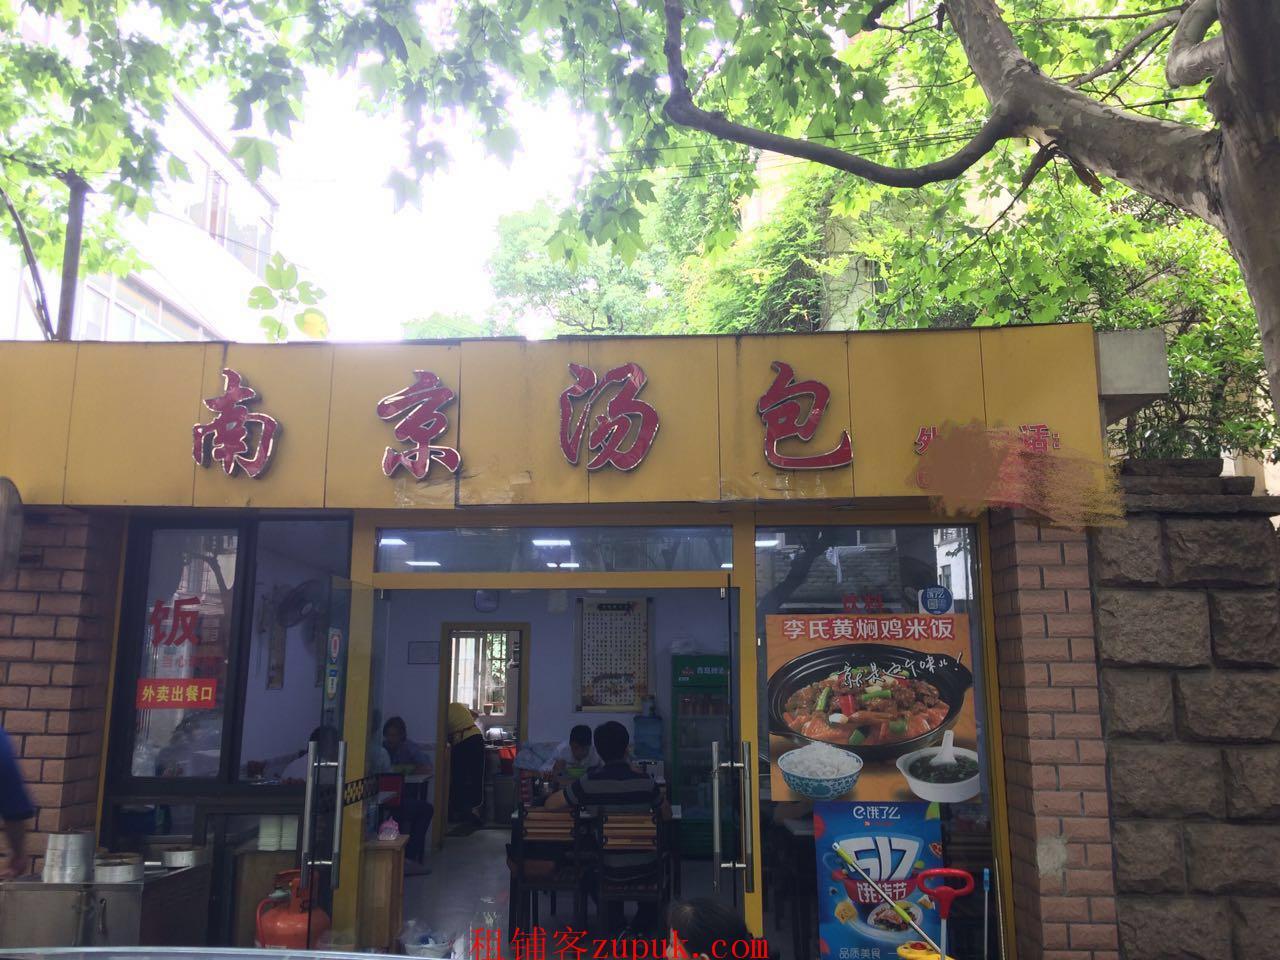 武宁路长寿路十字路口重餐饮旺铺 天然气可明火市口好